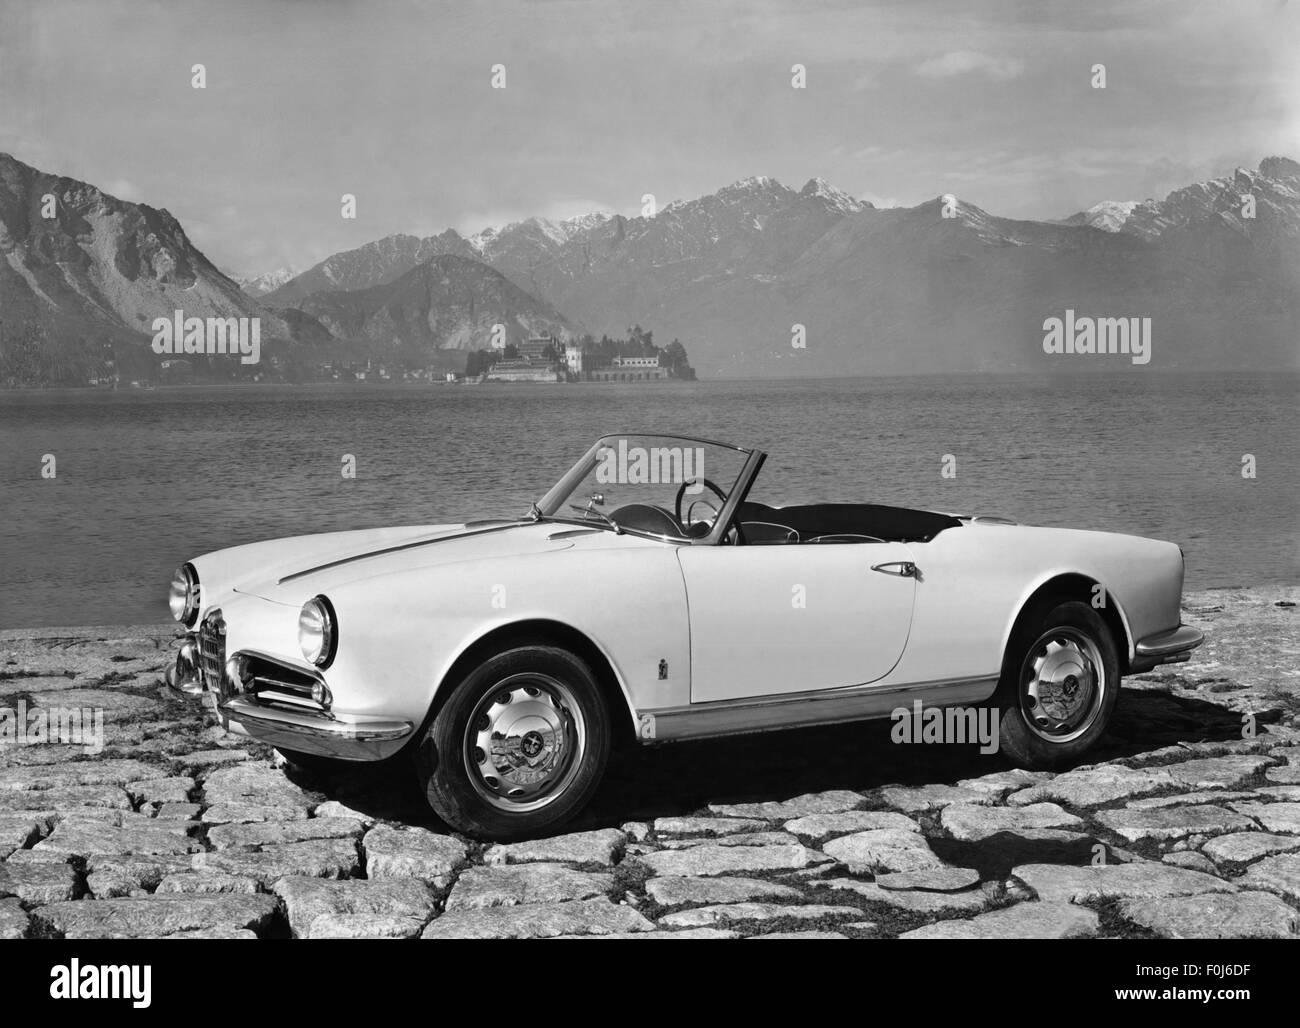 alfa romeo giulietta sprint cabrio 1950s stock photo. Black Bedroom Furniture Sets. Home Design Ideas